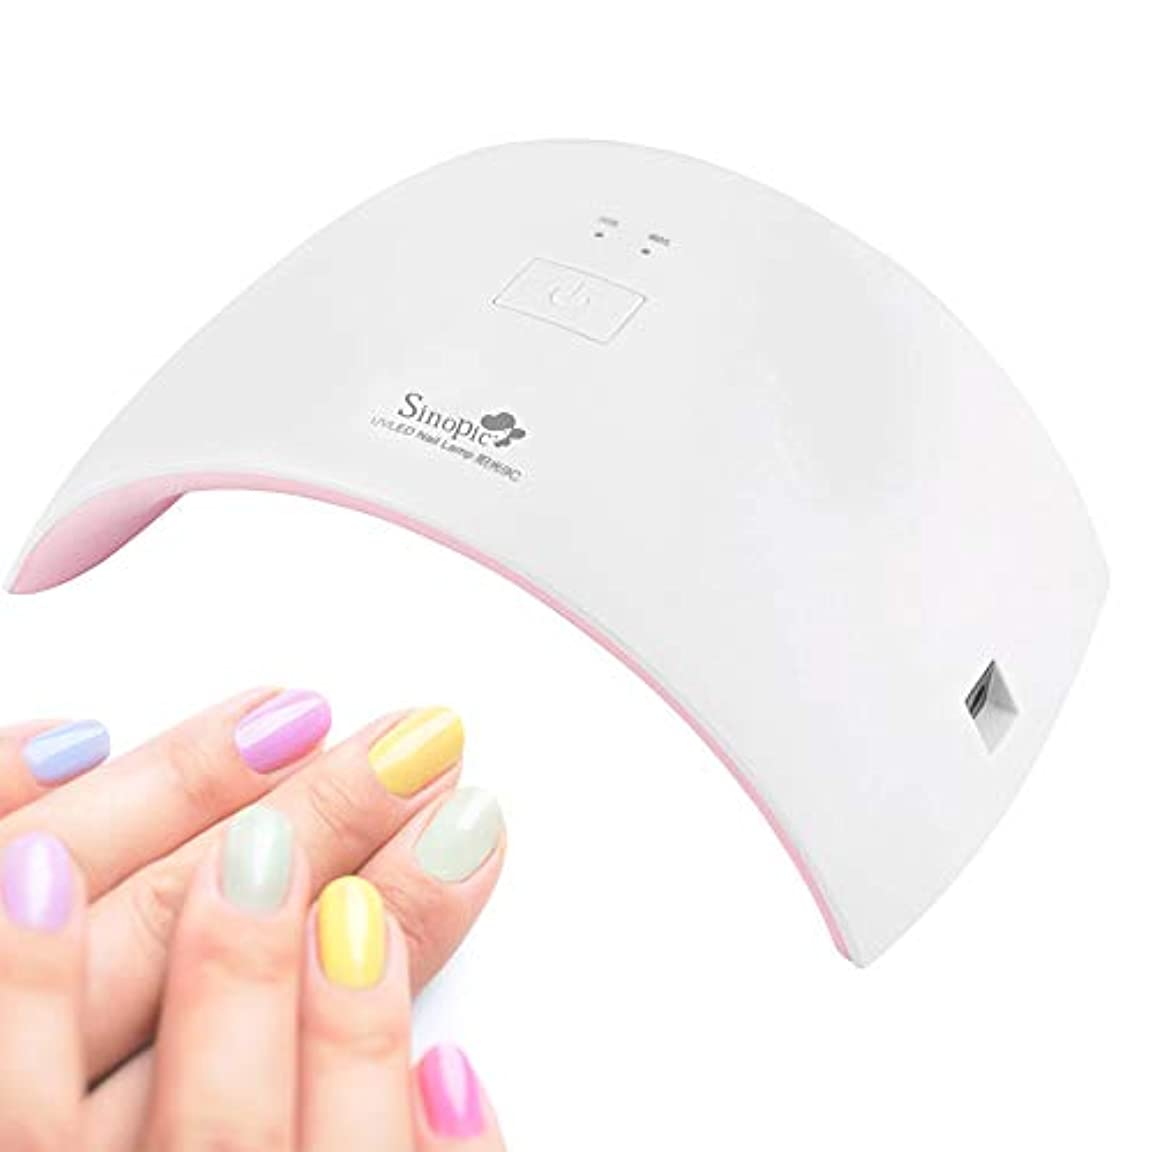 鳴り響くスキッパー好奇心Sinopic ネイル硬化用ライト 24W UVライトネイルドライヤー UV LEDライトマニキュア用 LED ネイルドライヤー タイマー機能 自動センサー機能 レジンにも便利